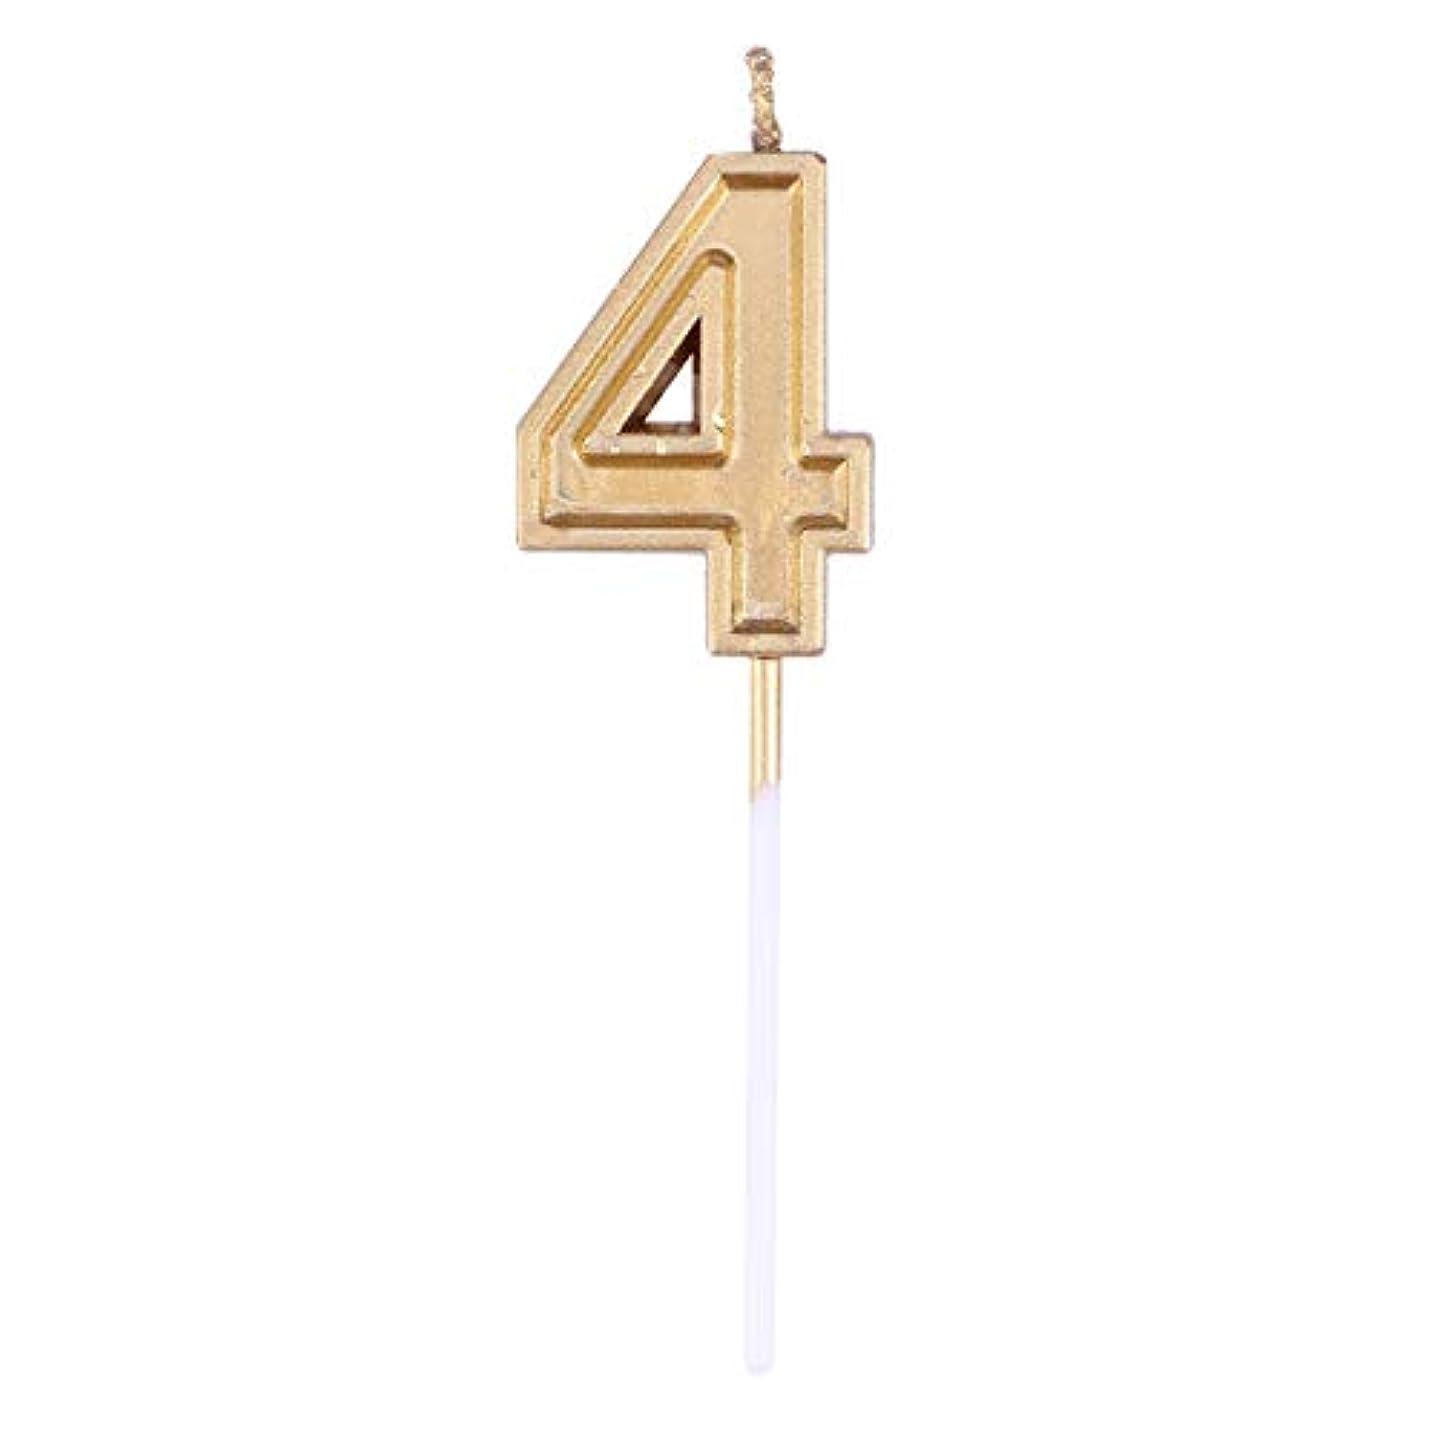 後方航空会社アークToyvian ゴールドラメ誕生日おめでとう数字キャンドル番号キャンドルケーキトッパー装飾用大人キッズパーティー(番号4)